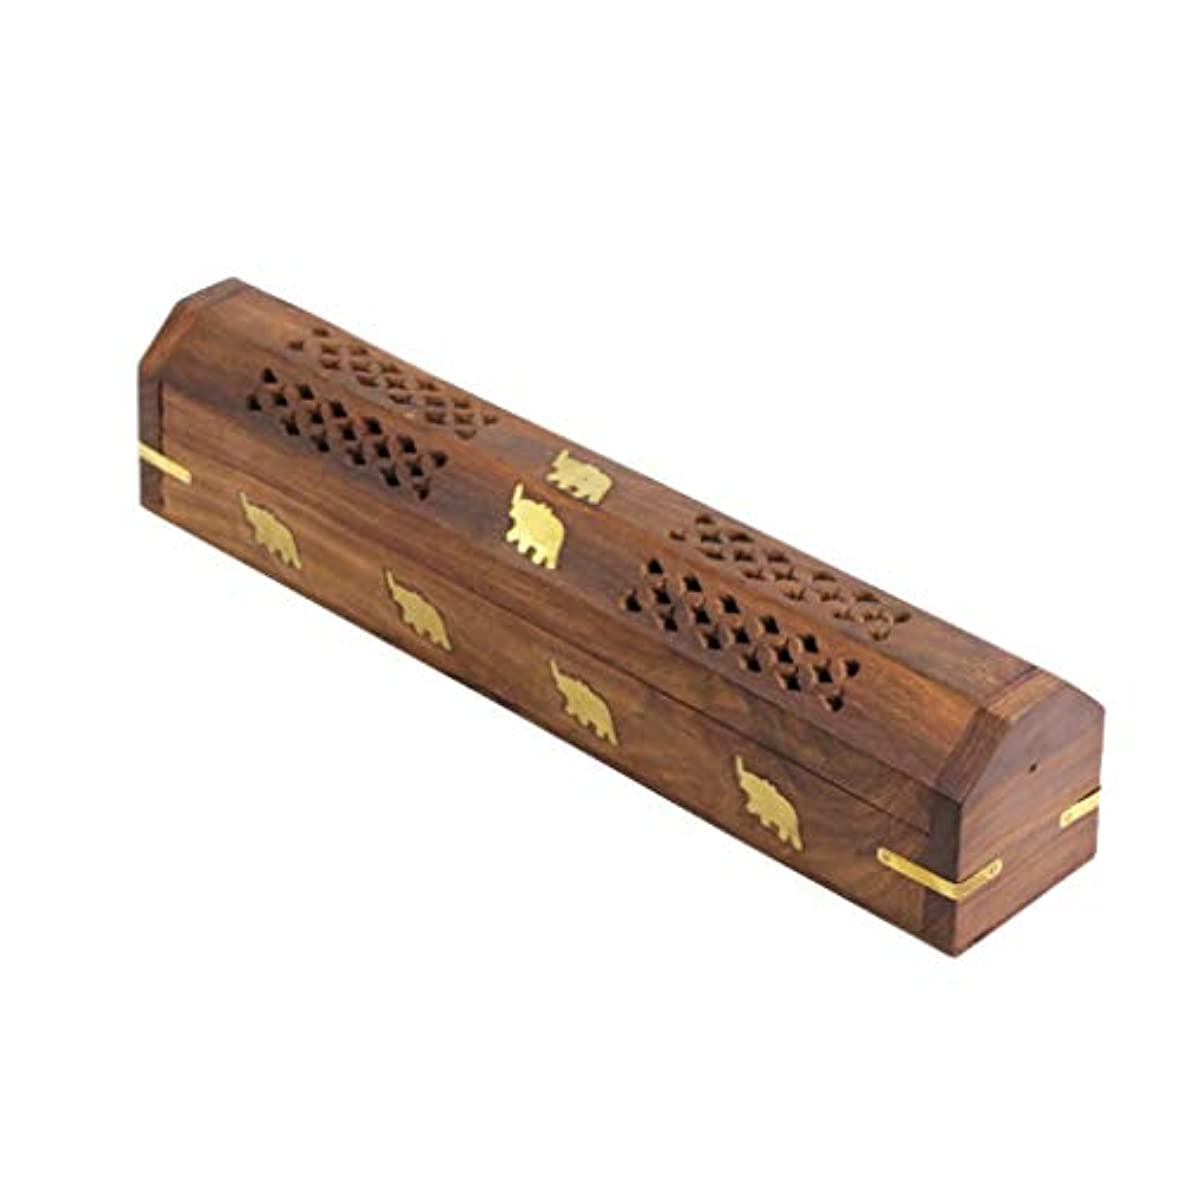 ポーン絶滅した研究木製香ホルダーブラウン香スティックバーナーホルダーアッシュキャッチャーホームフレグランス装飾品香炉 (Color : Brown, サイズ : 12*2.2*2.36inchs)